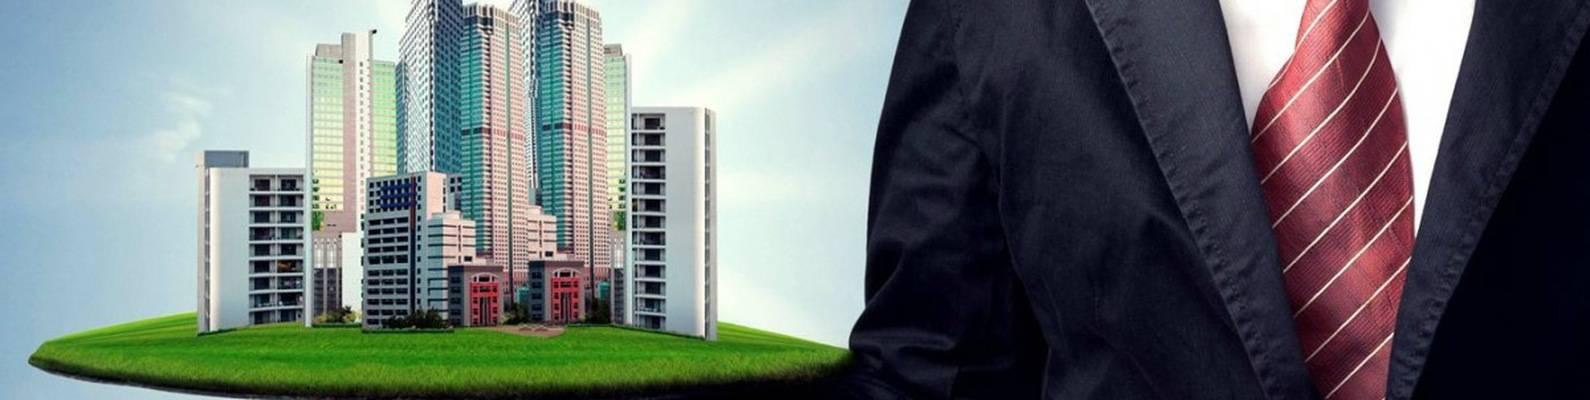 Реферат/курсовая - оценка инвестиционной привлекательности объектов недвижимости.